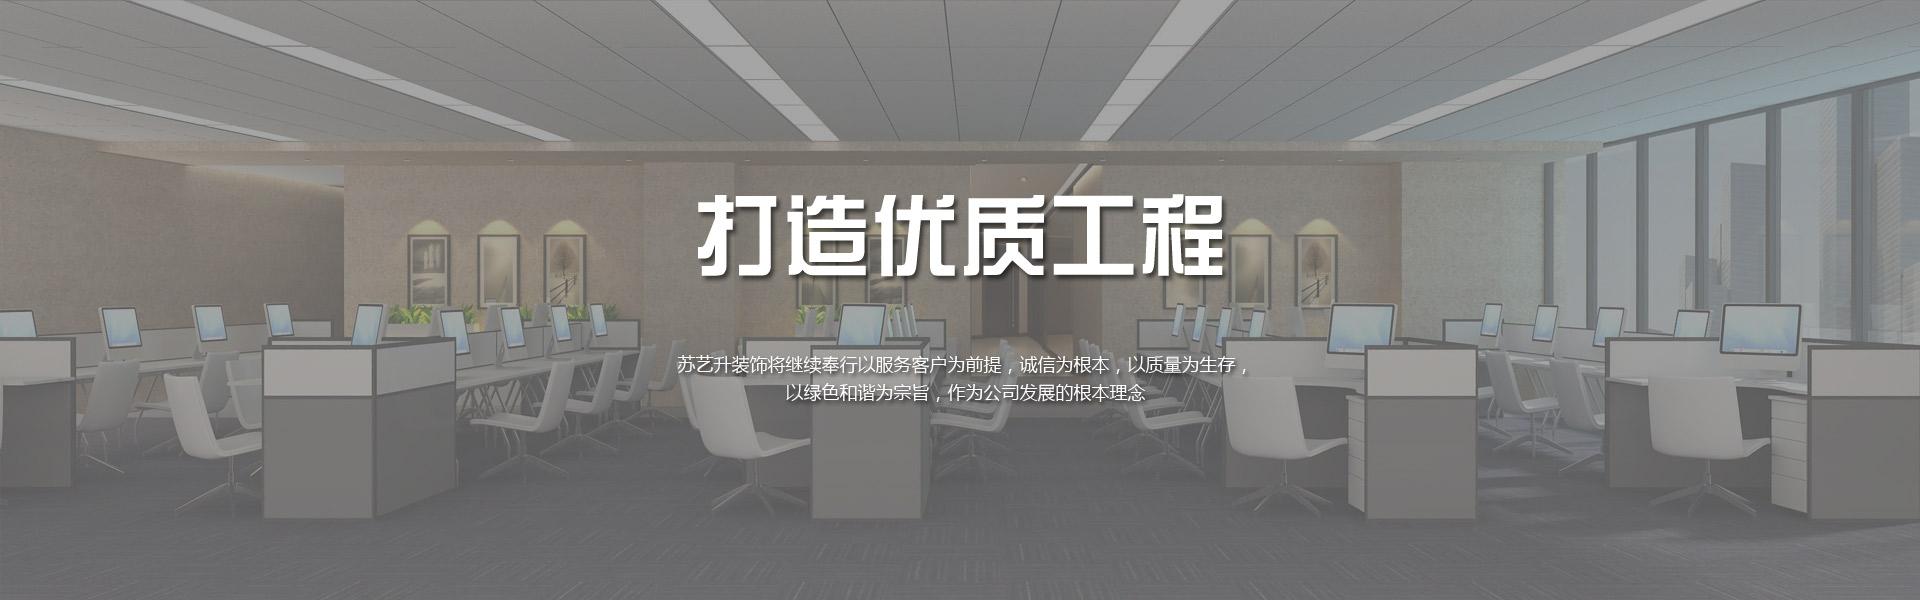 幻灯片001